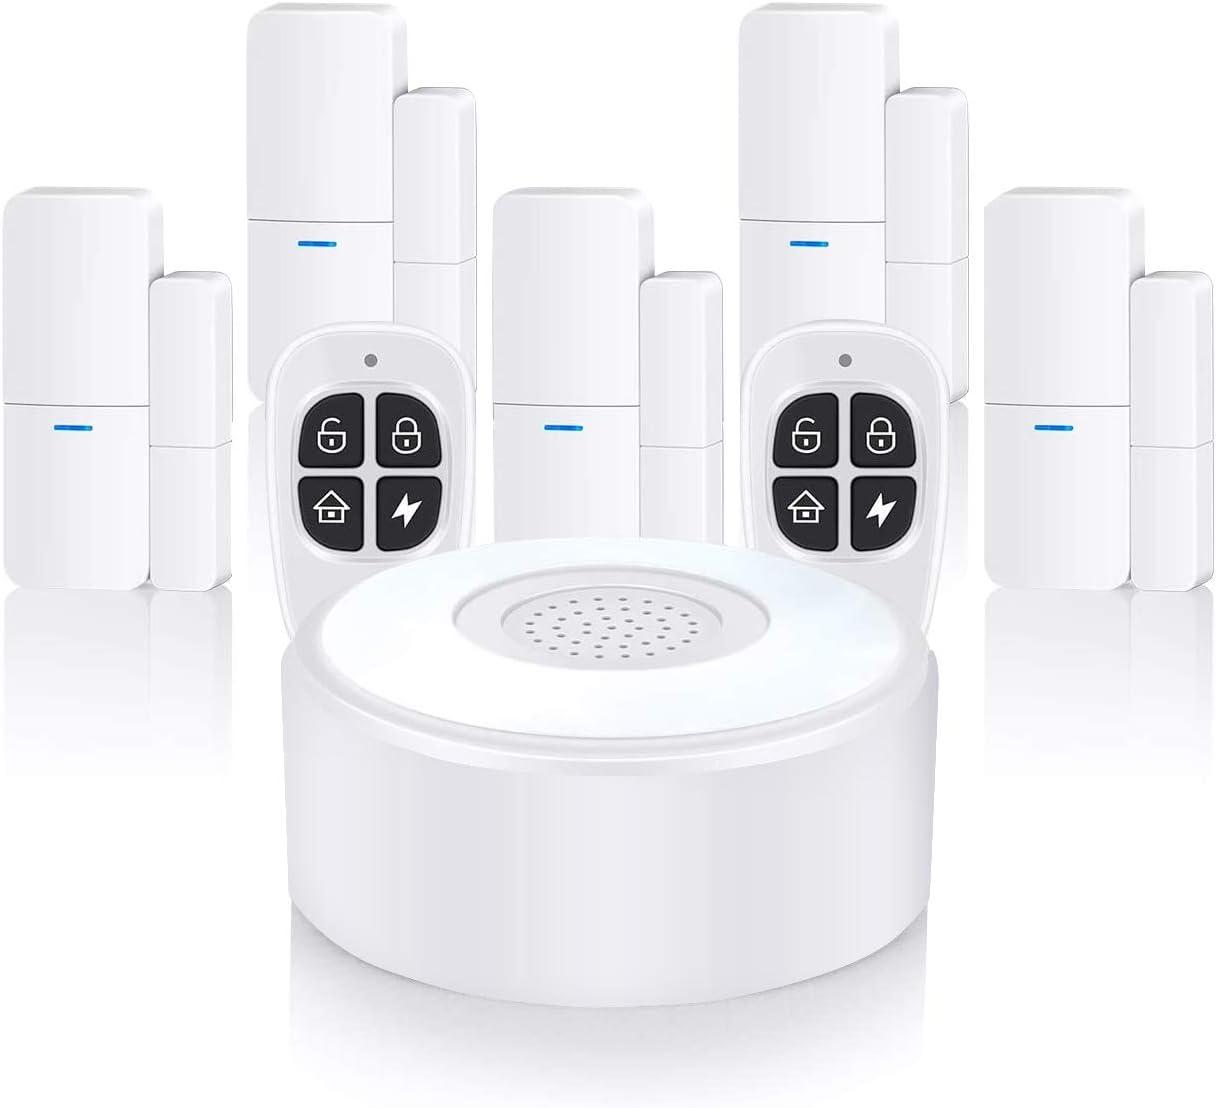 Home Alarm System sans fil, système d'alarme complet avec 1 sirène, 5 capteurs de fenêtre et 2 télécommandes – Alarme de fenêtre de porte, alerte de l'application via le réseau mobile (1B-5CS2KF)